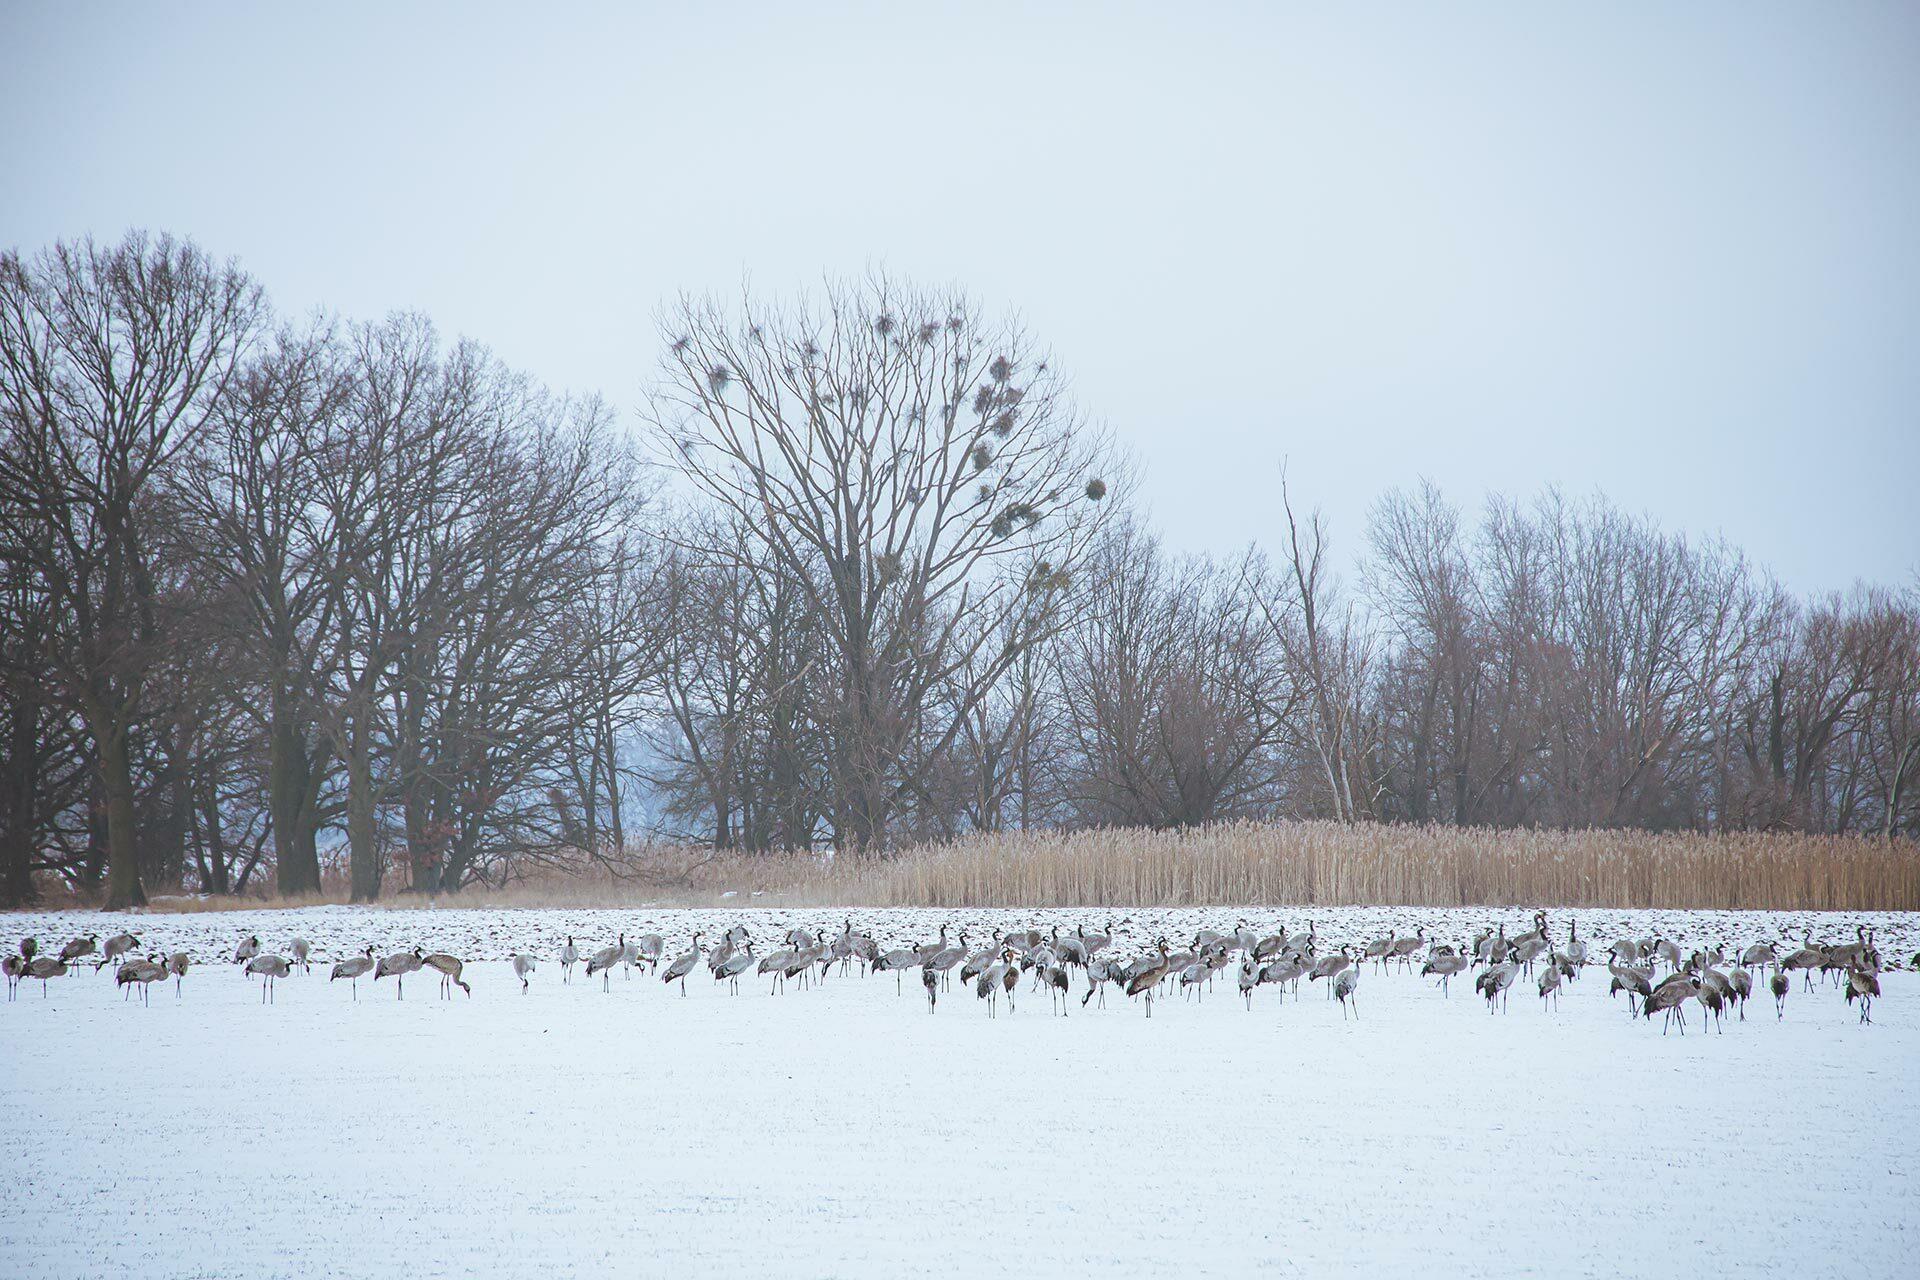 Obwohl erst Mitte Februar und noch tiefster Winter sind die Kraniche zurück und suchen scharenweise auf abgeernteten Feldern nach Essbarem